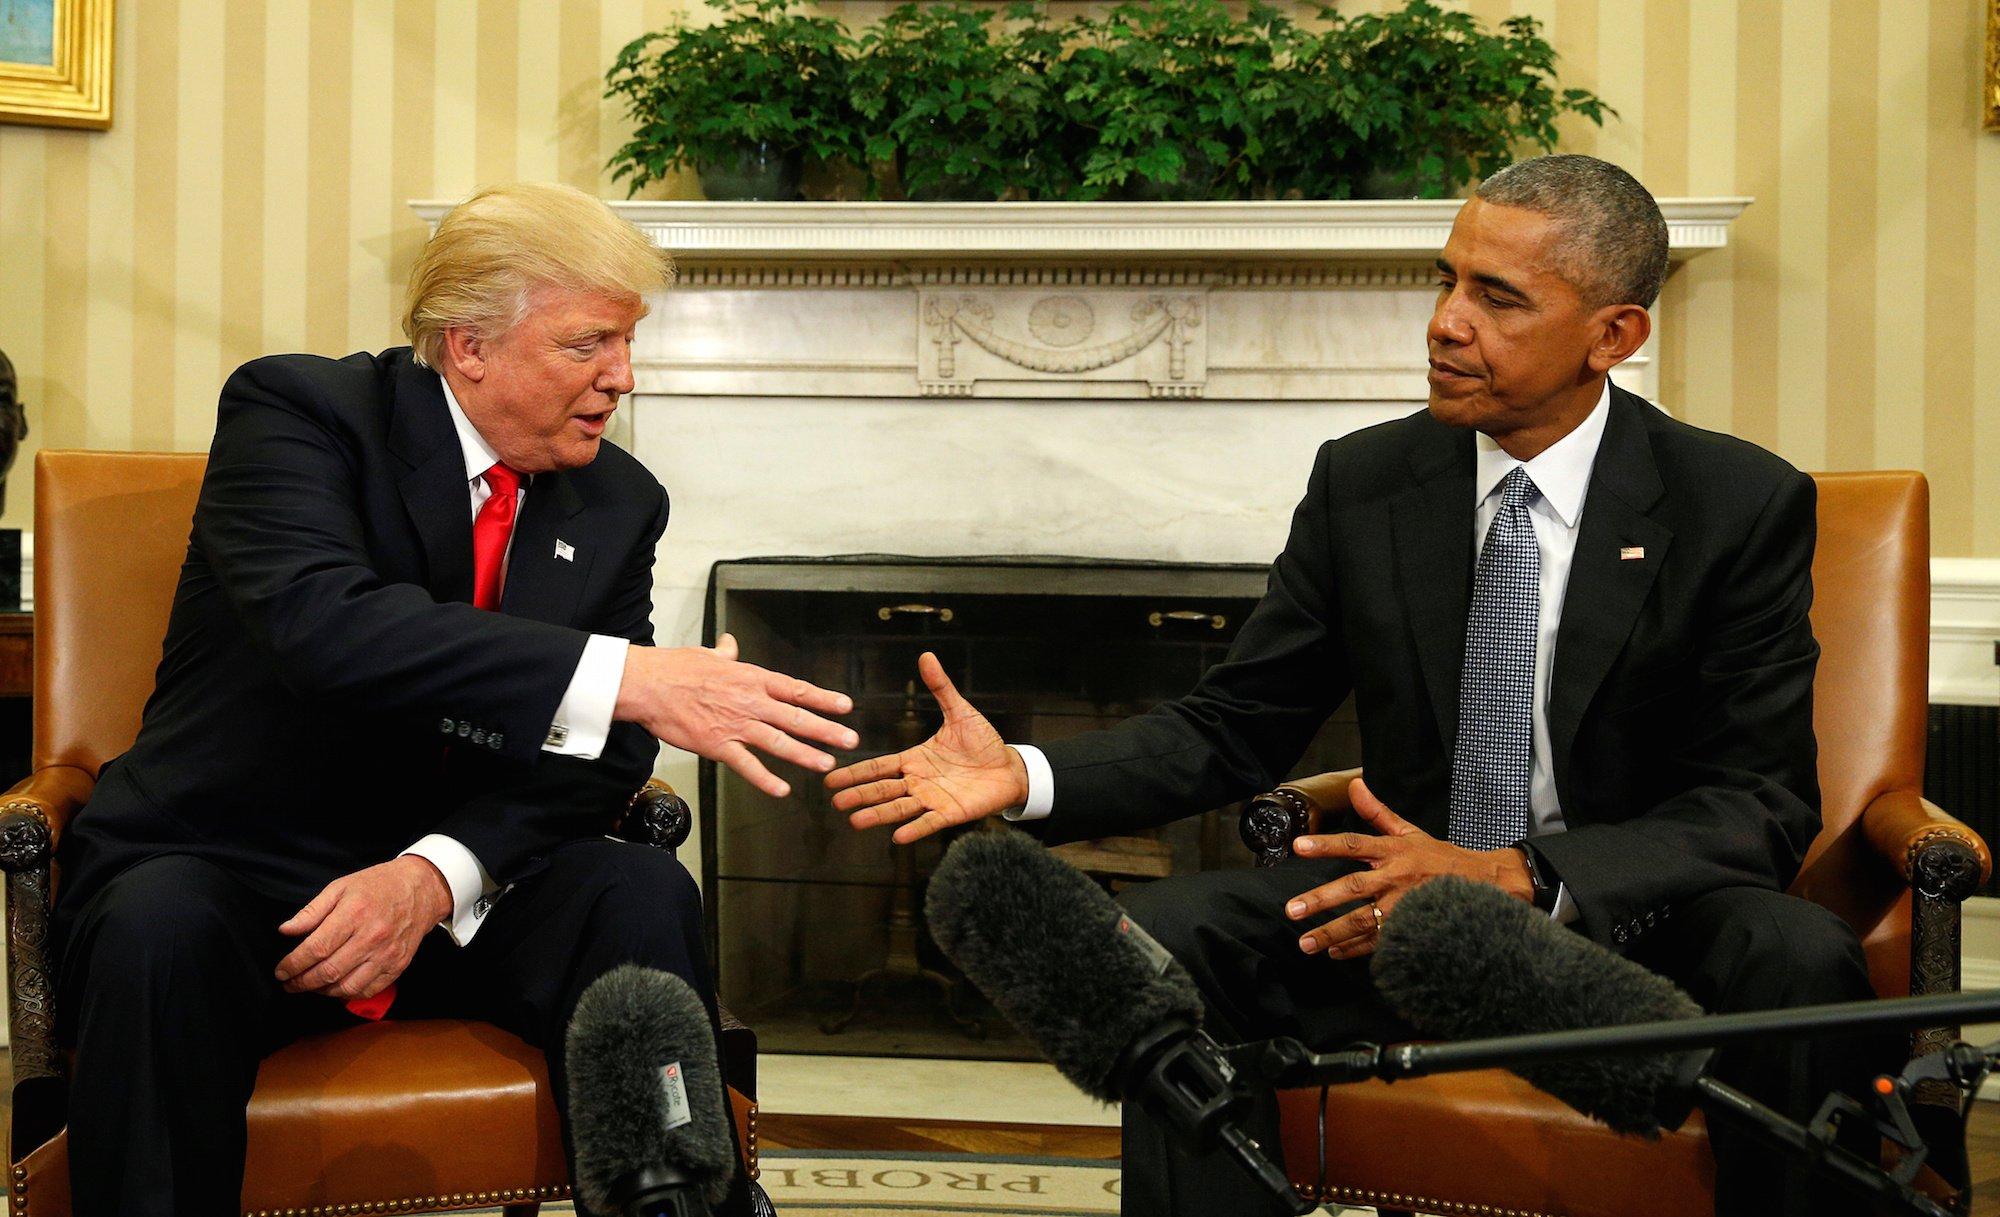 Obama müstakbel başkan Trump'ı ağırladı